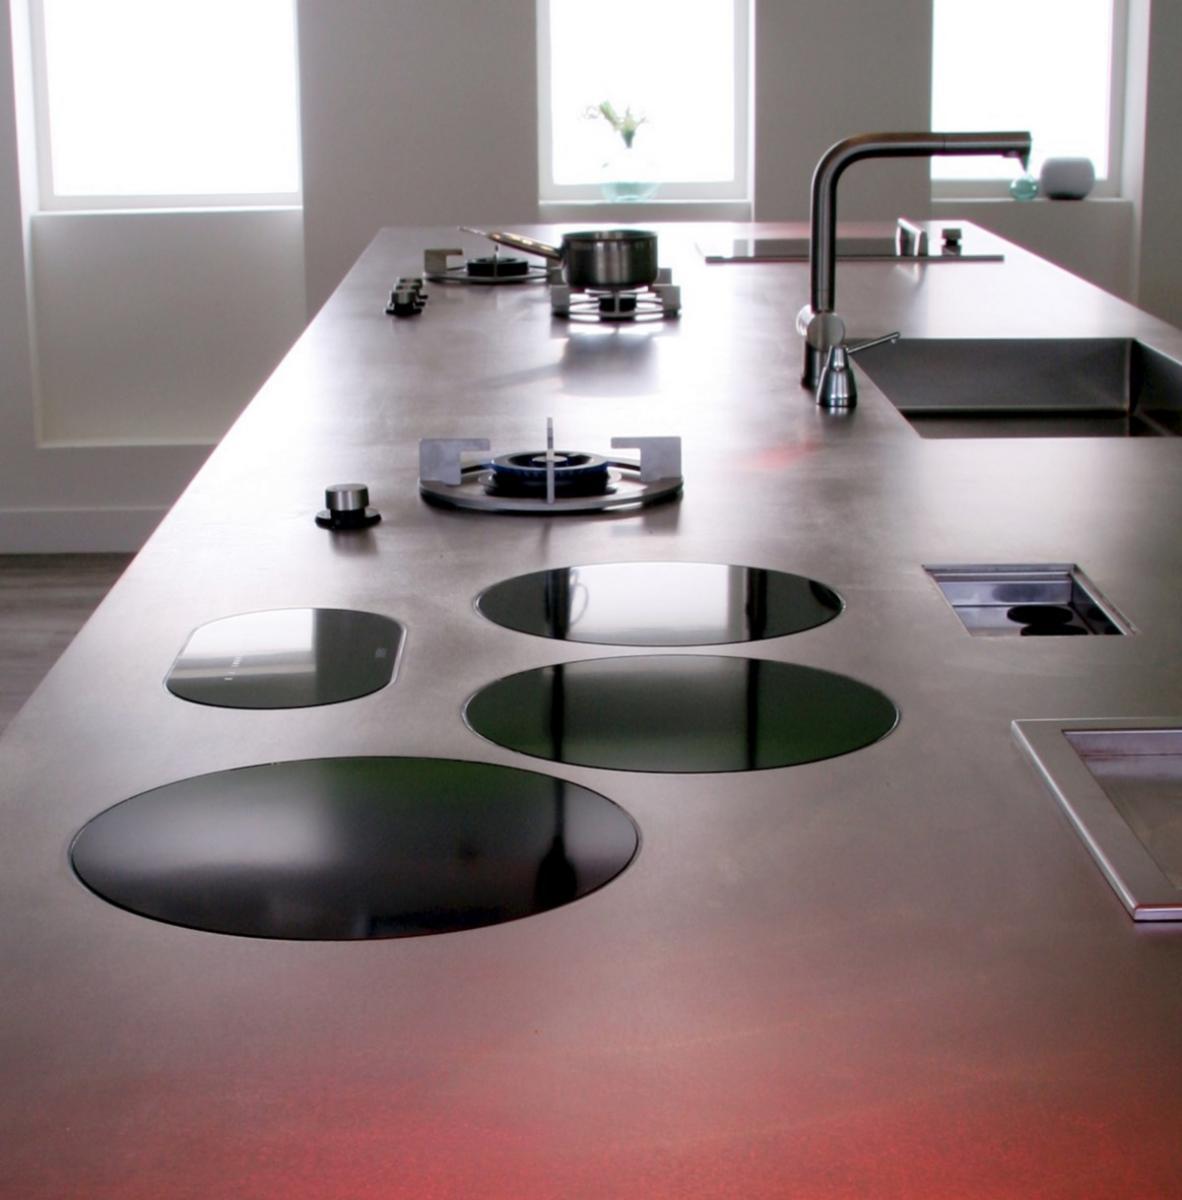 bruleurs individuels i cooking gaz icg so inox. Black Bedroom Furniture Sets. Home Design Ideas